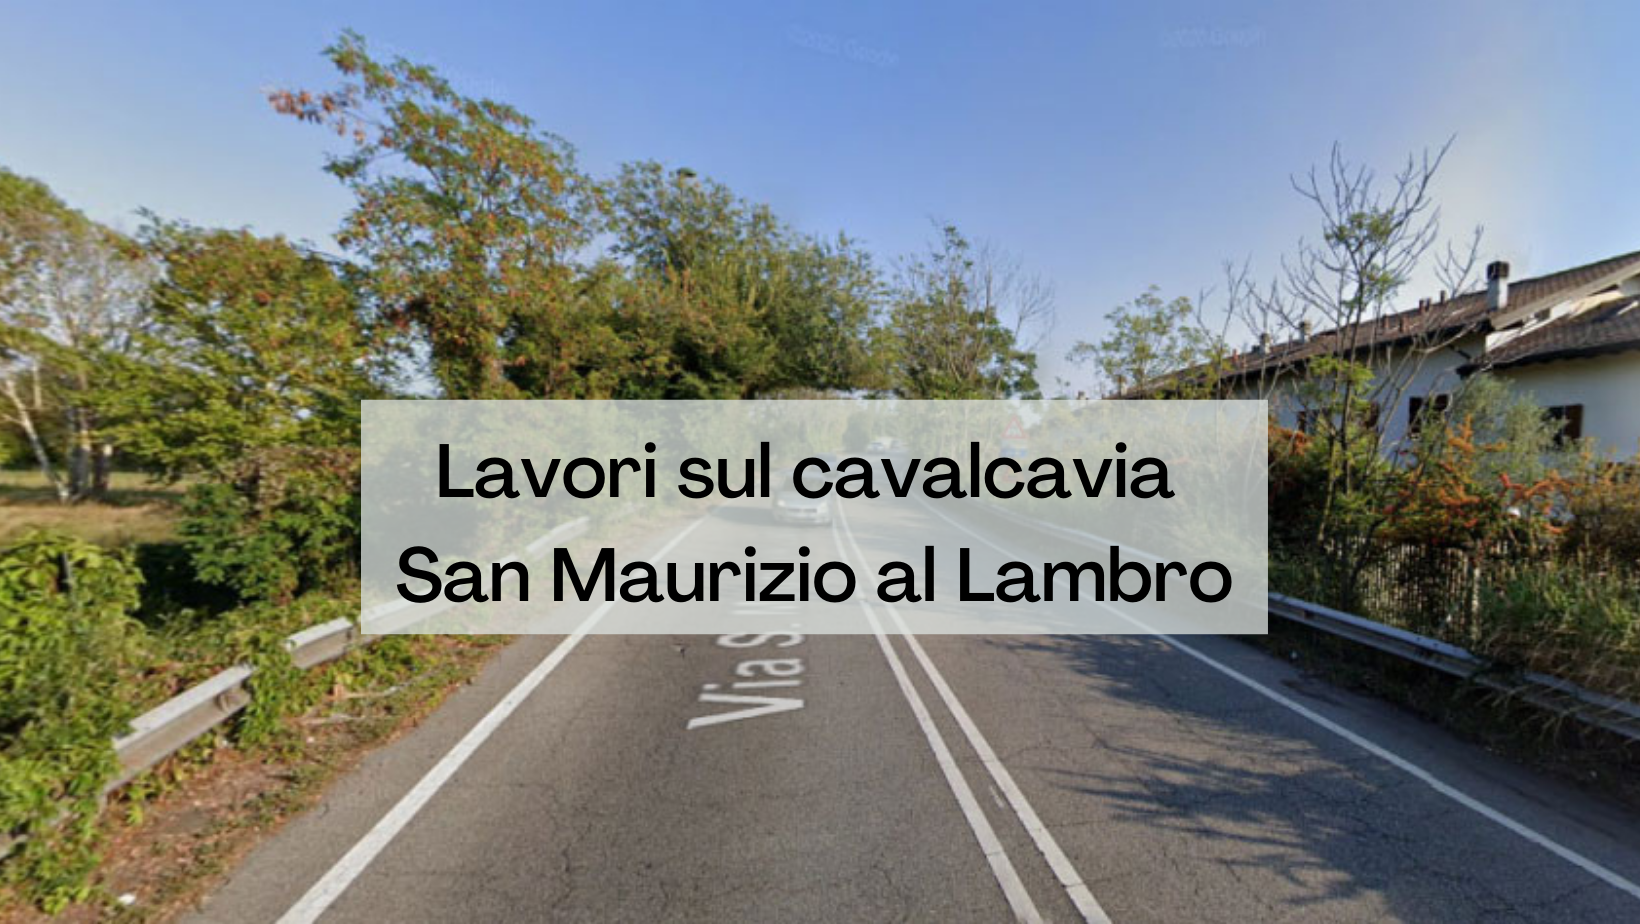 Lavori sul cavalcavia San Maurizio al Lambro